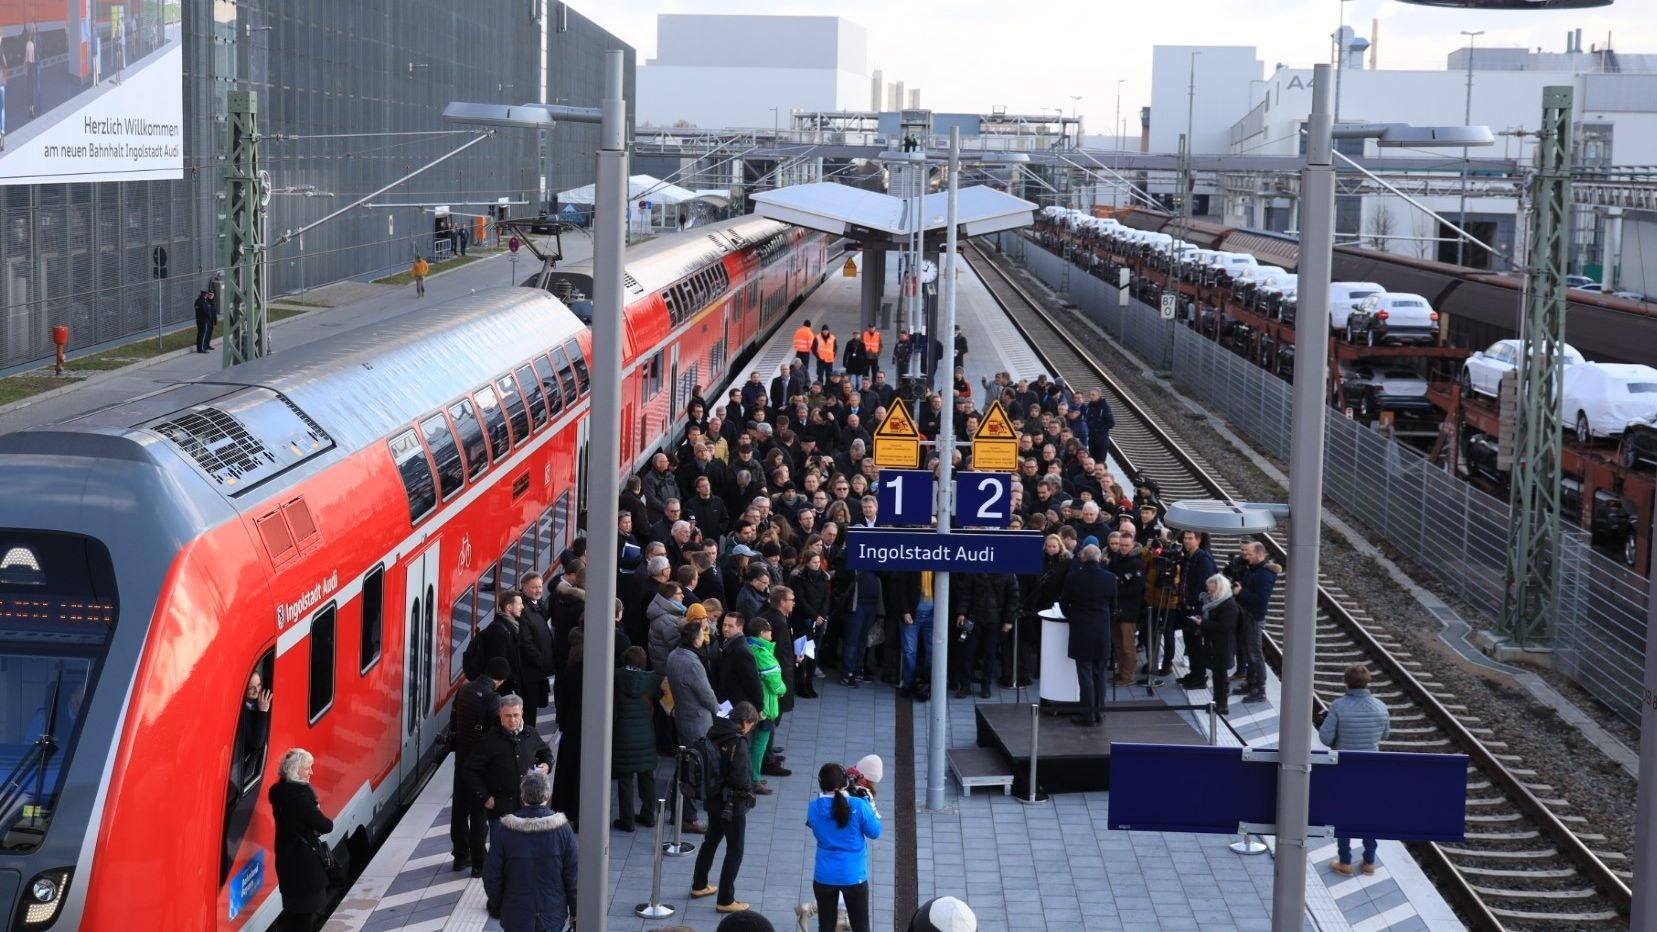 """Der Bahnsteig am neuen Bahnhalt """"Ingolstadt Audi"""""""